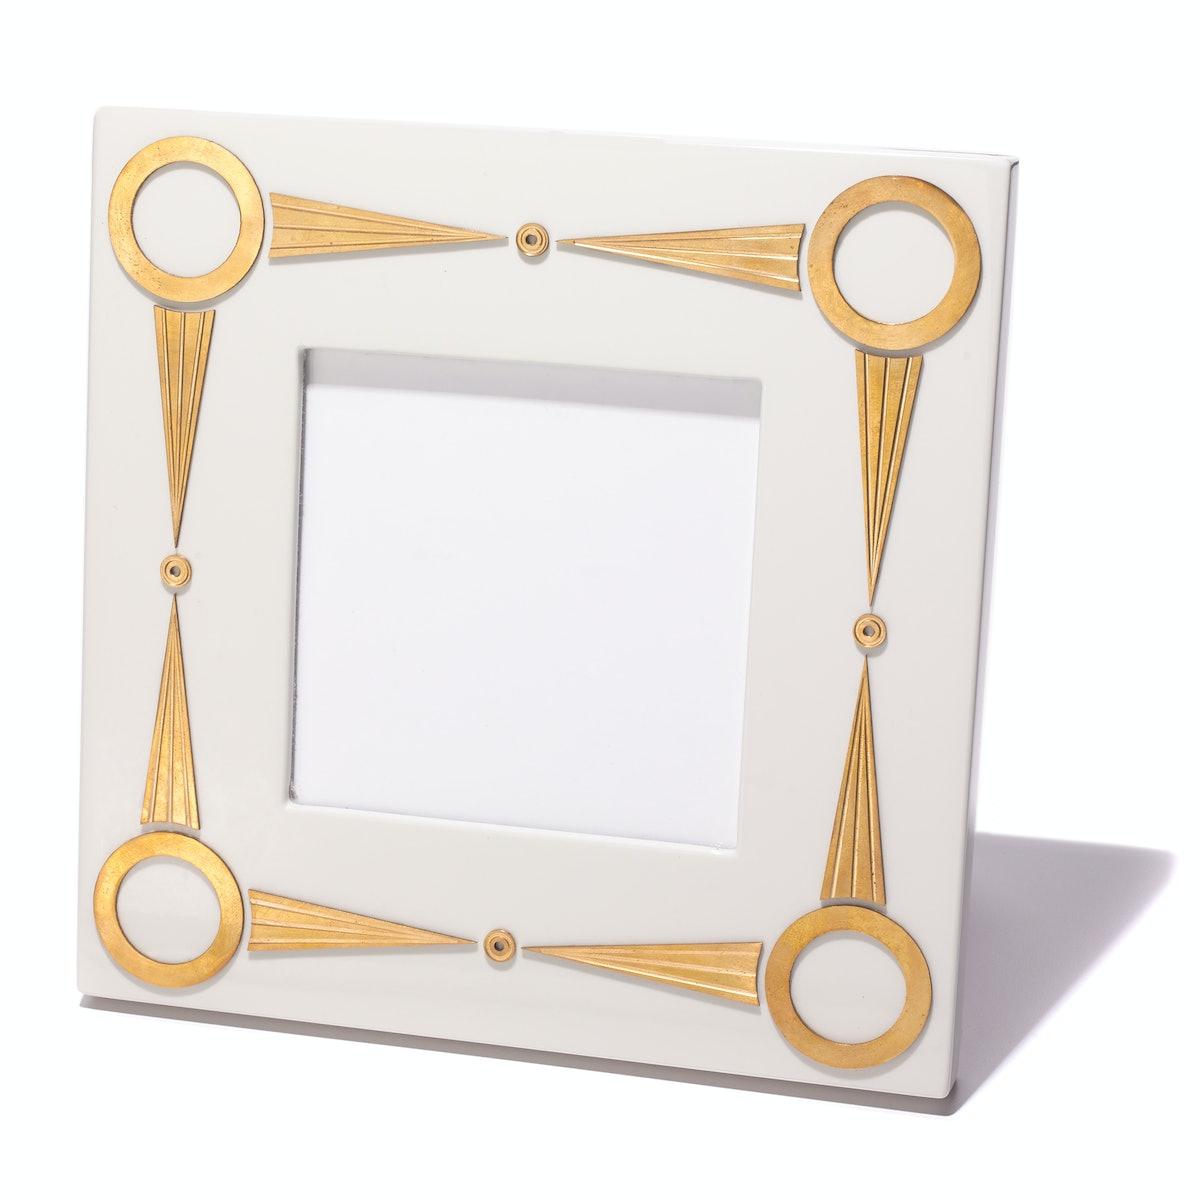 Jonathan Adler frame